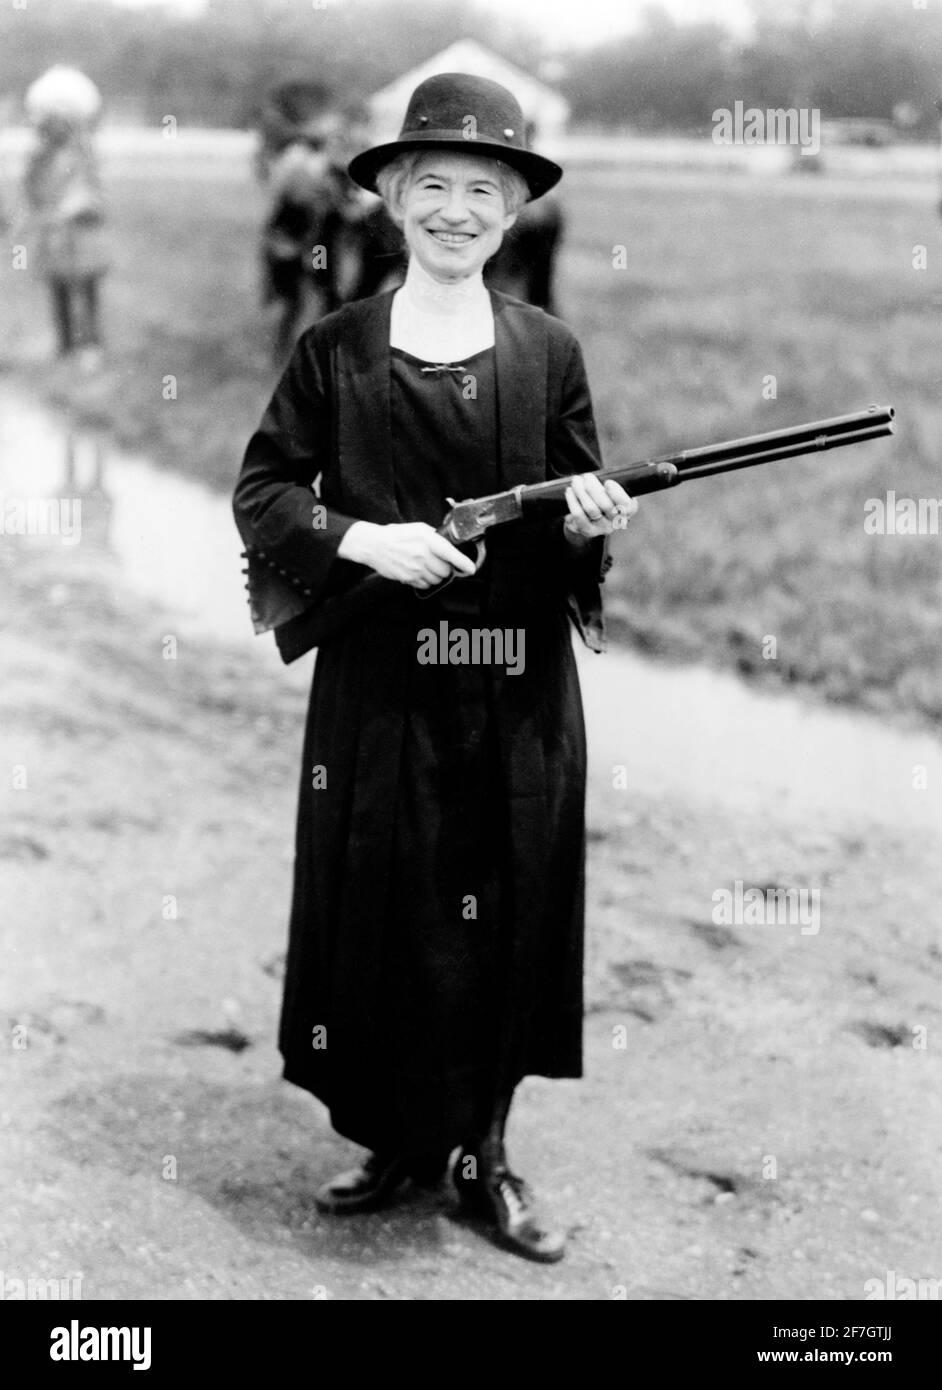 Annie Oakley avec l'arme qui lui a été donnée par Buffalo Bill. Portrait du célèbre sharpshooter américain, Annie Oakley (n. Phoebe Ann Mosey, 1860-1926) , 1922 Banque D'Images